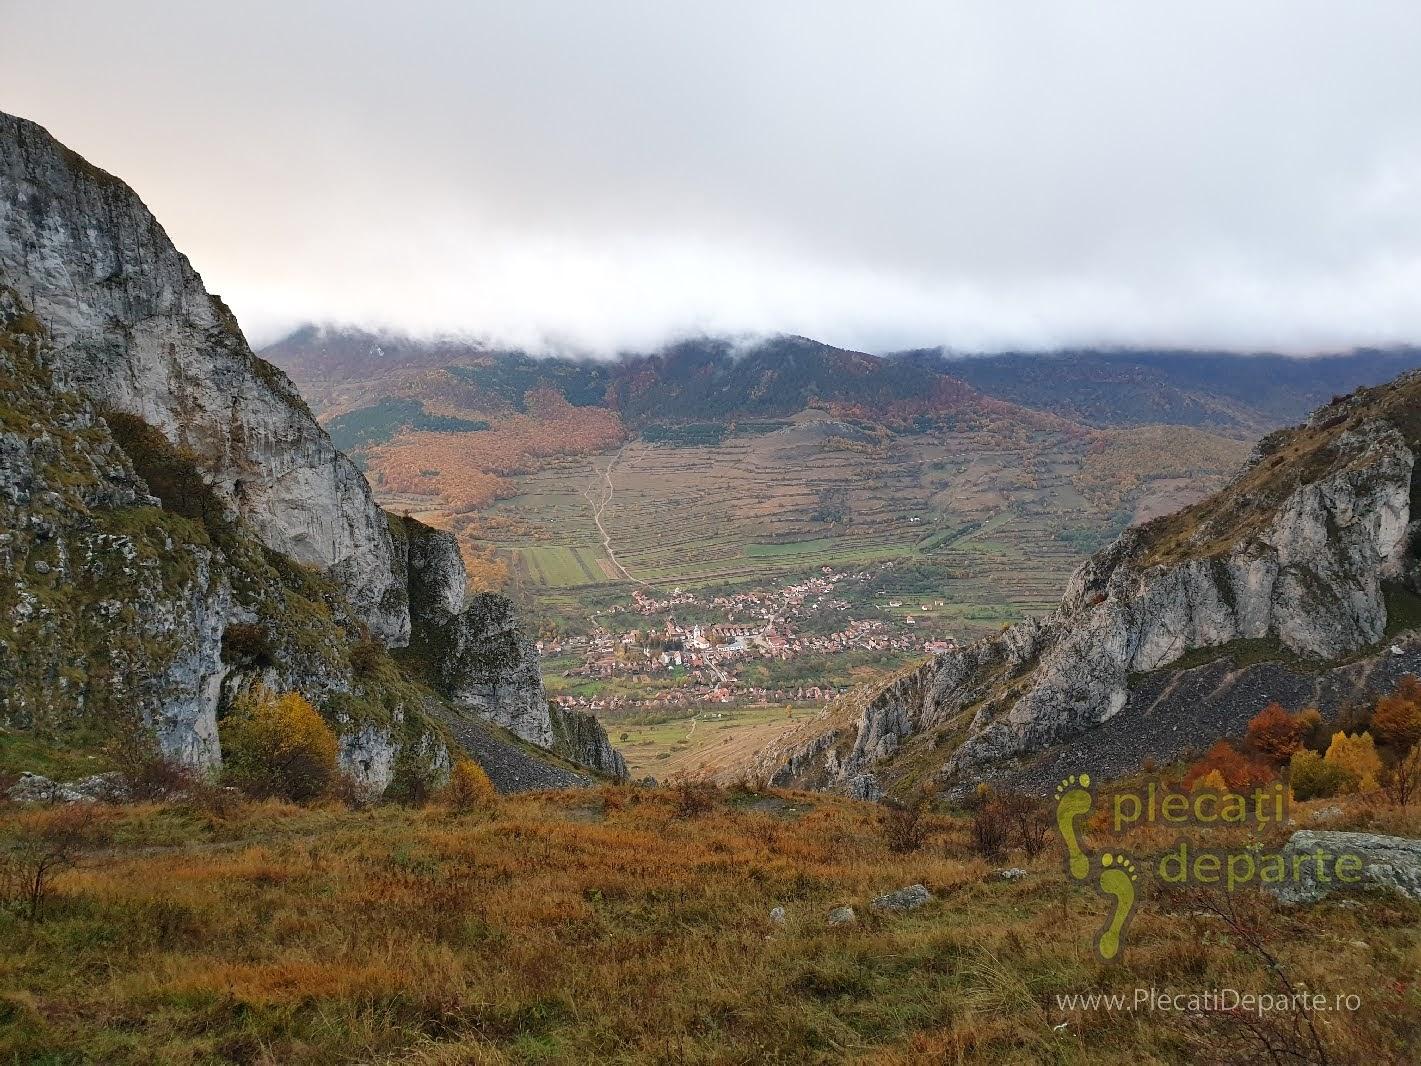 Satul Rimetea toamna, vazut de pe Piatra Seciuluiu, Coltii Trascaului. obiective turistice cluj, imprejurimi cluj, obiective cluj,